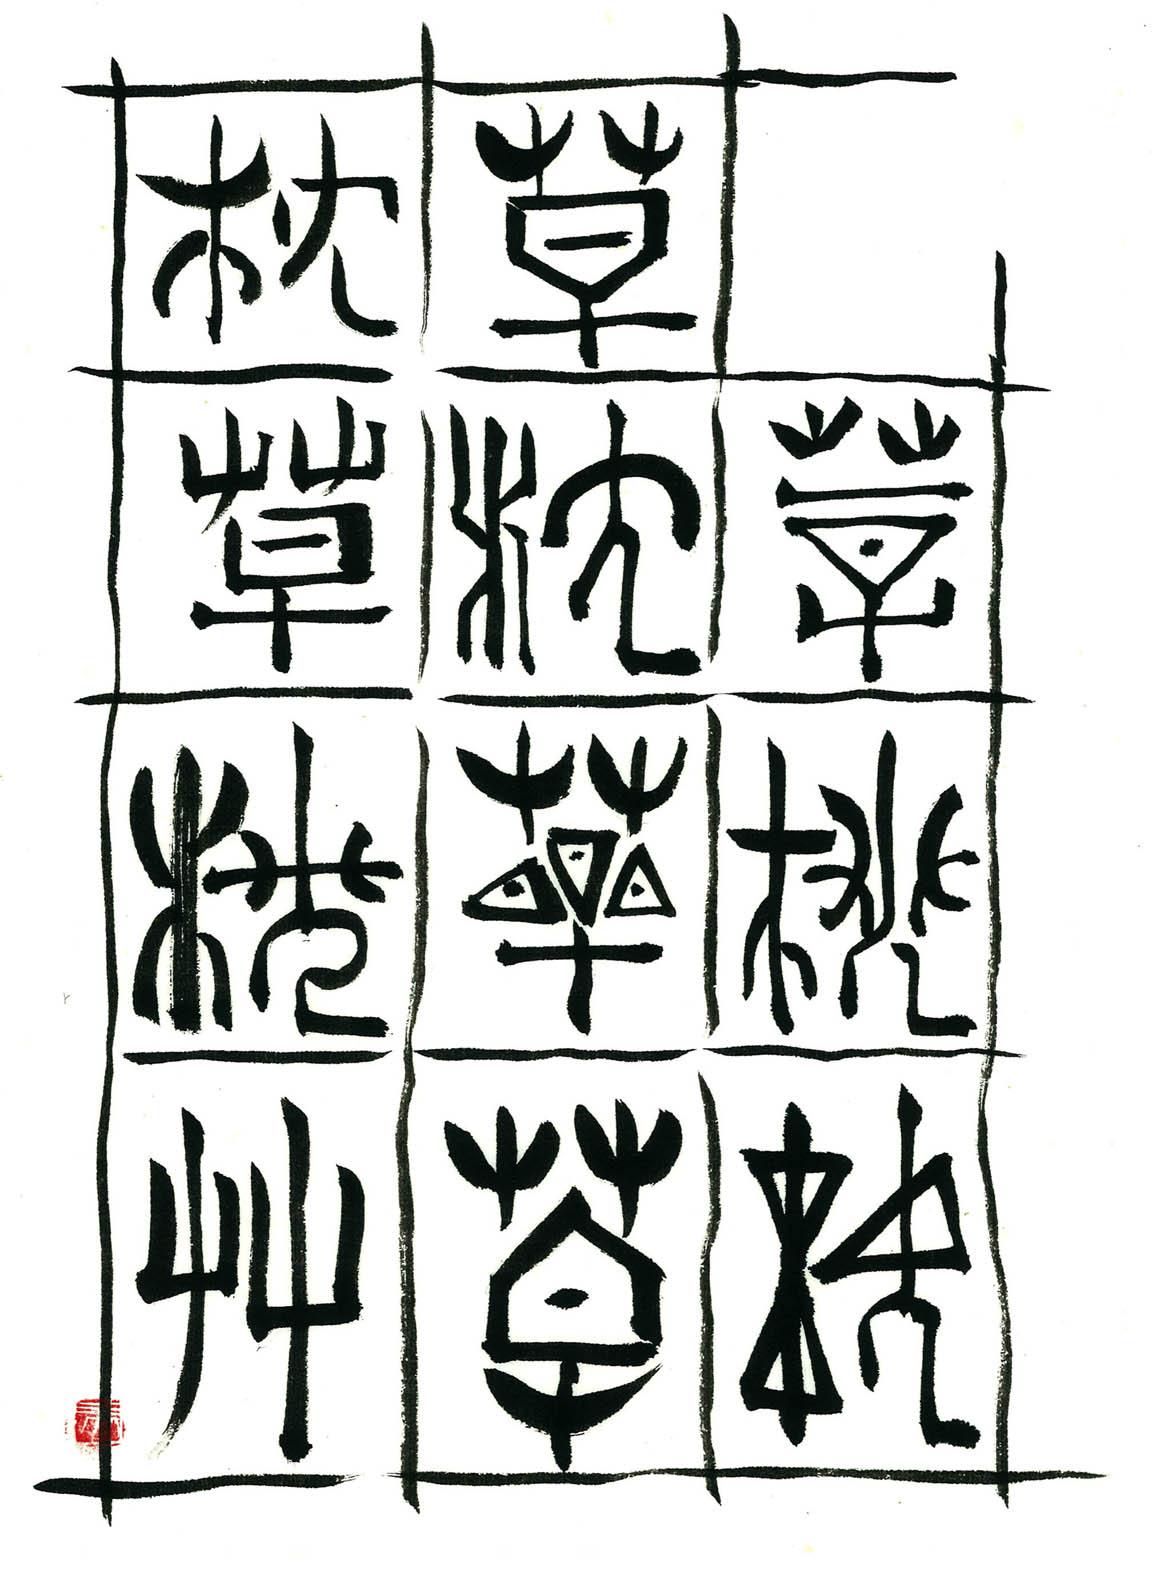 漱石「草枕」書の評論 ロンドンから_a0098174_23515763.jpg